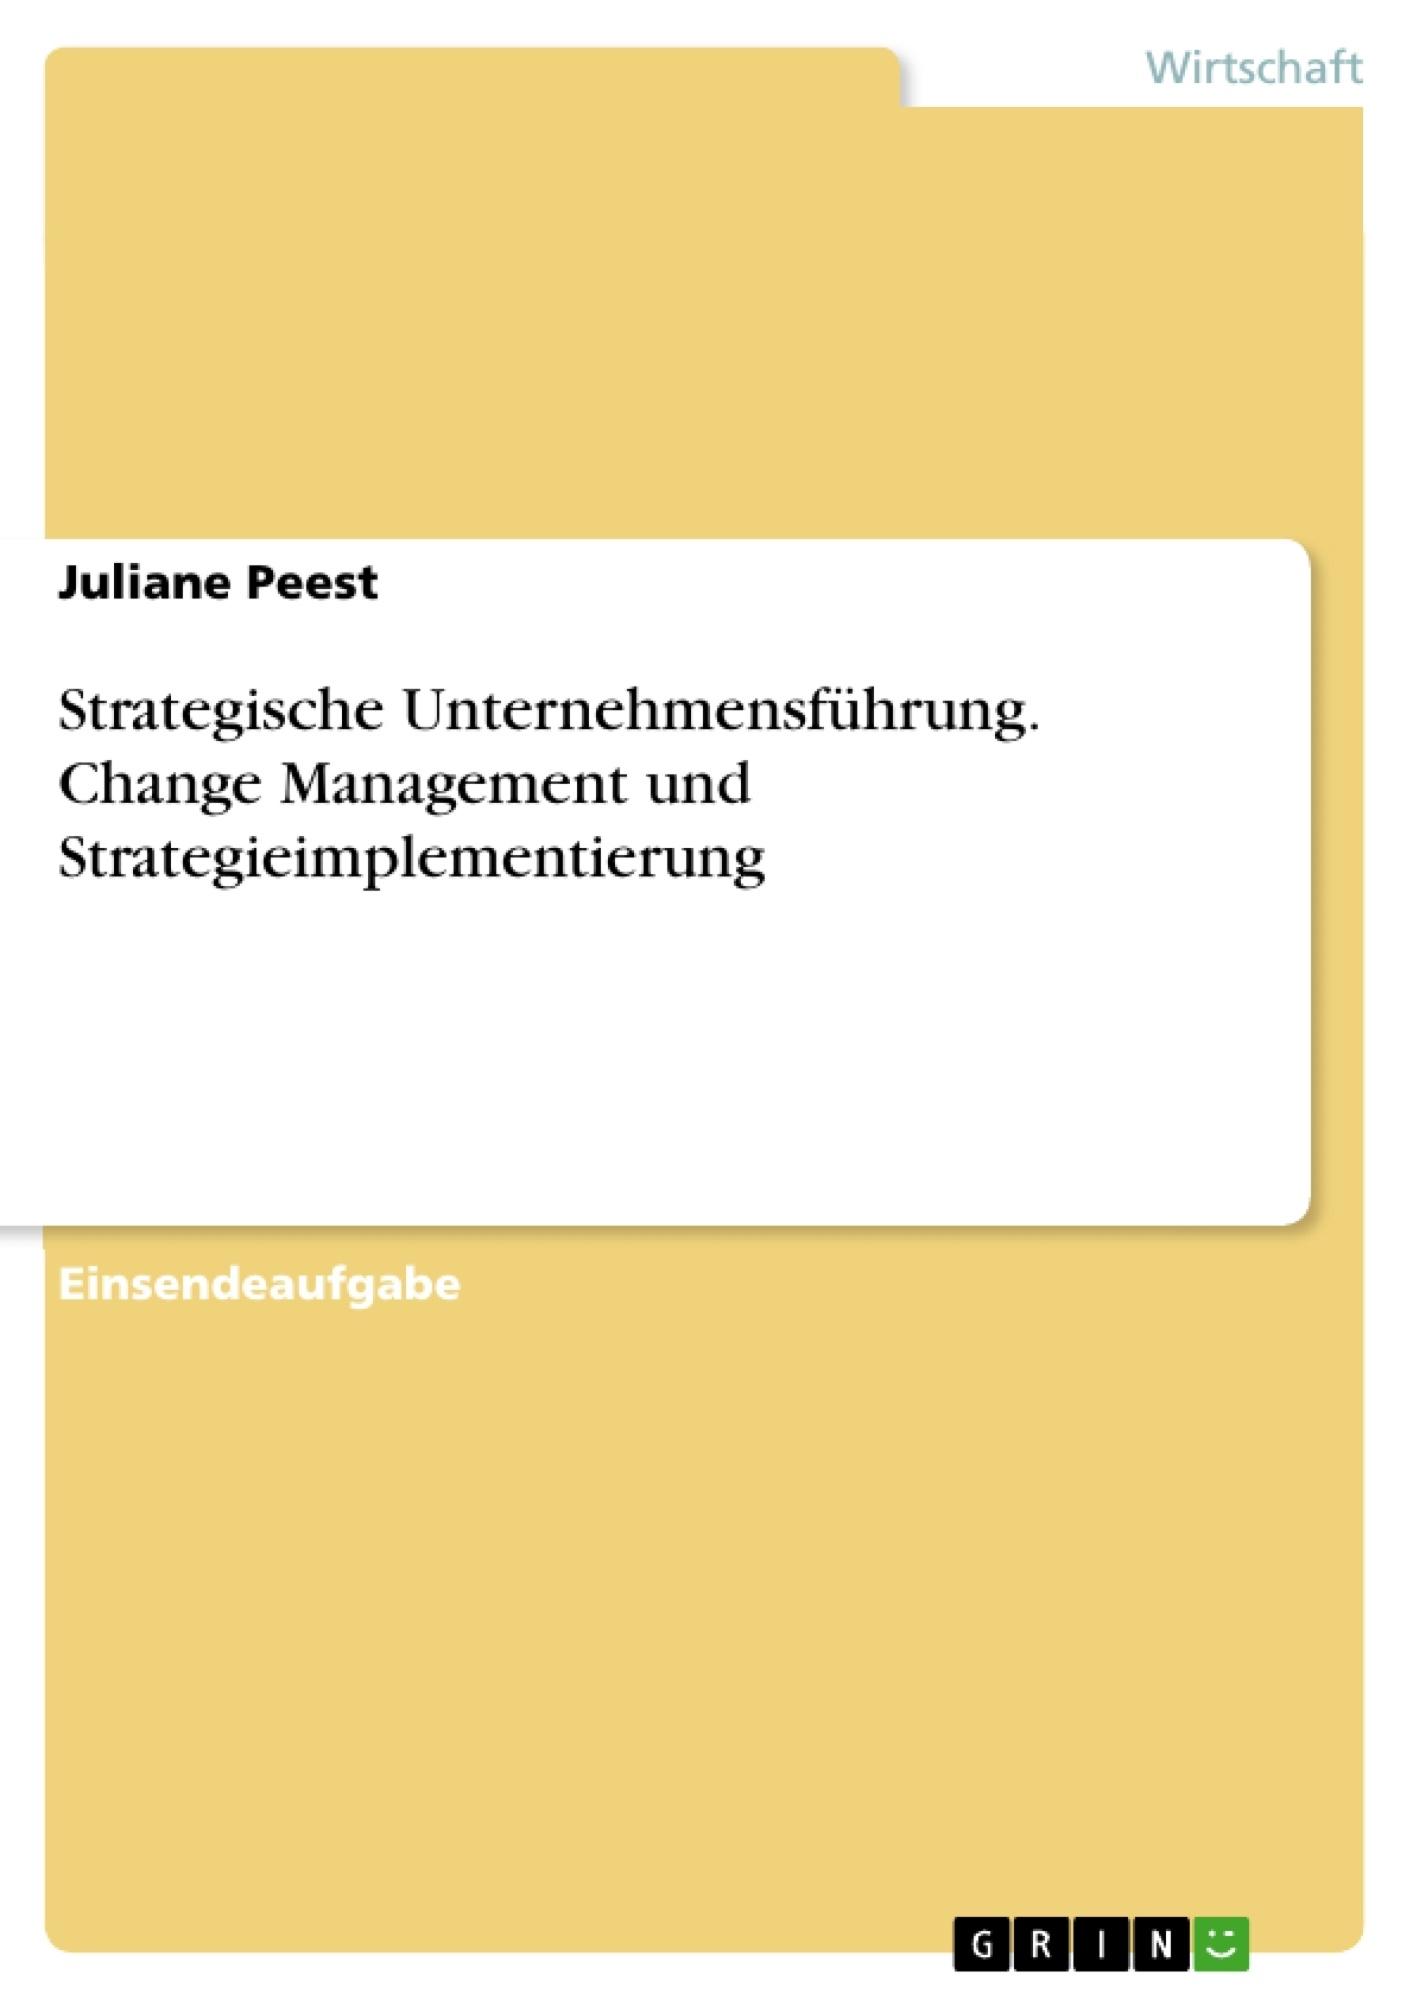 Titel: Strategische Unternehmensführung. Change Management und Strategieimplementierung